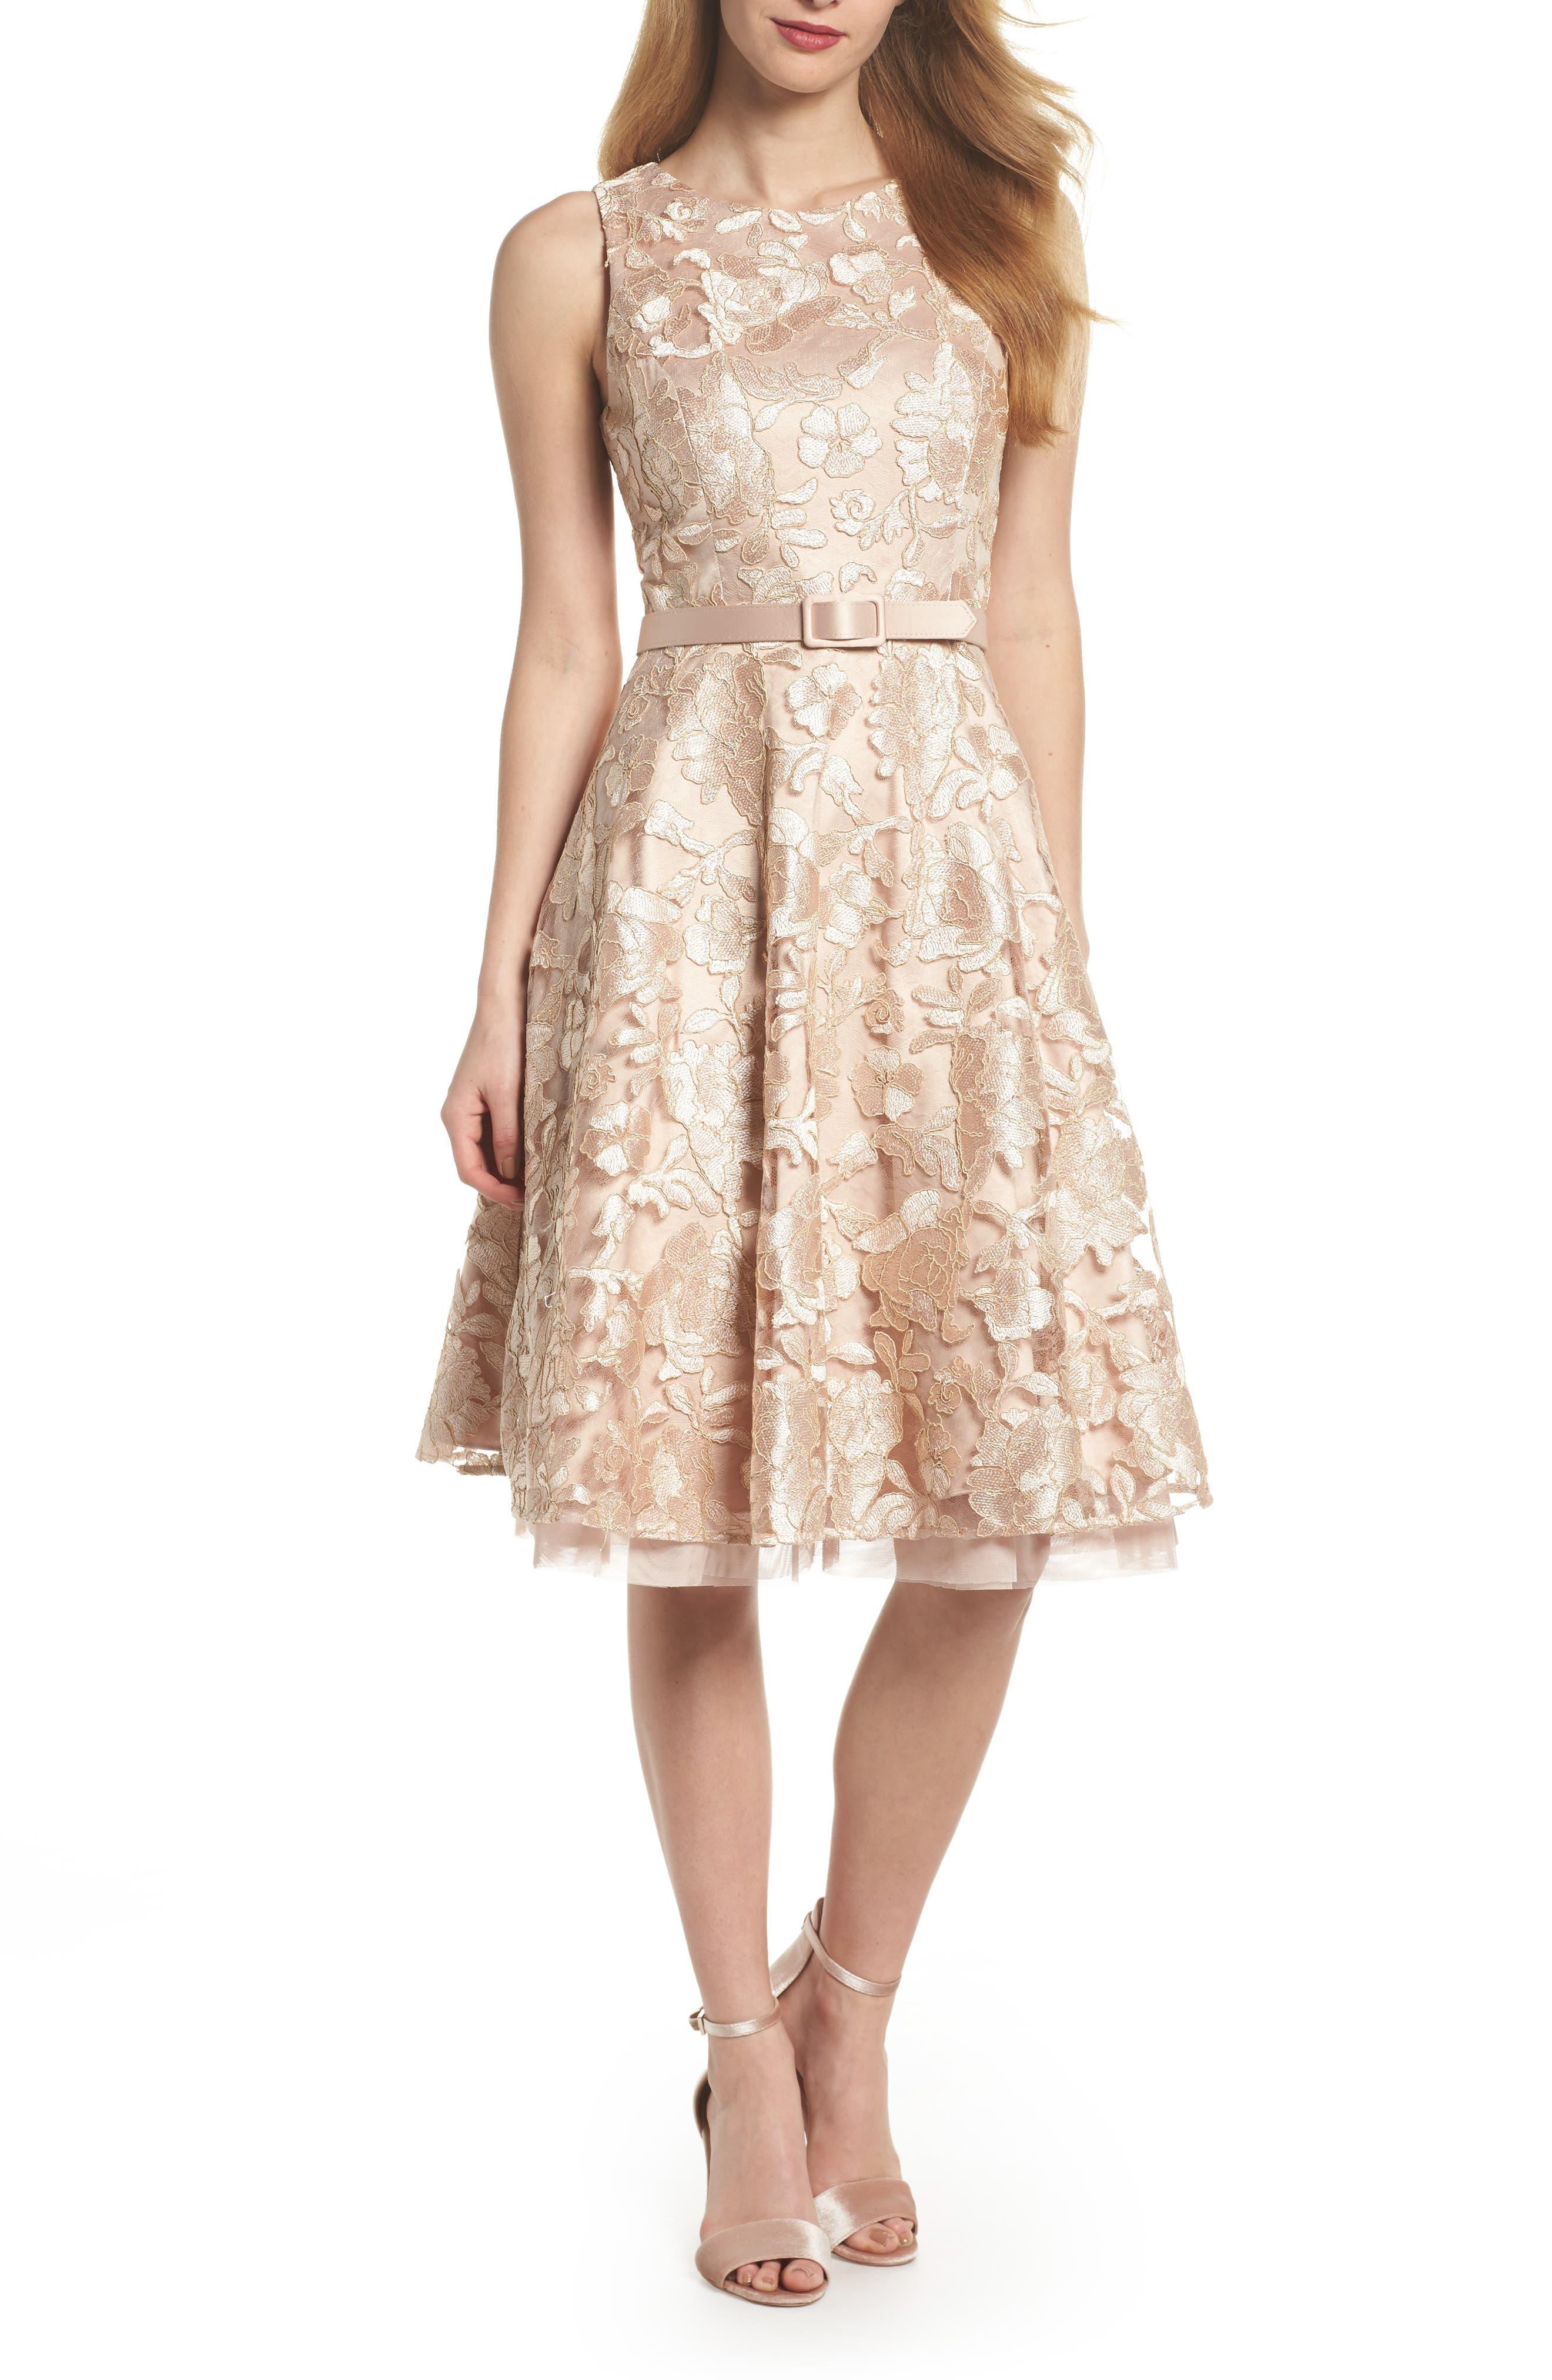 beige lace cocktail dress wwwpixsharkcom images